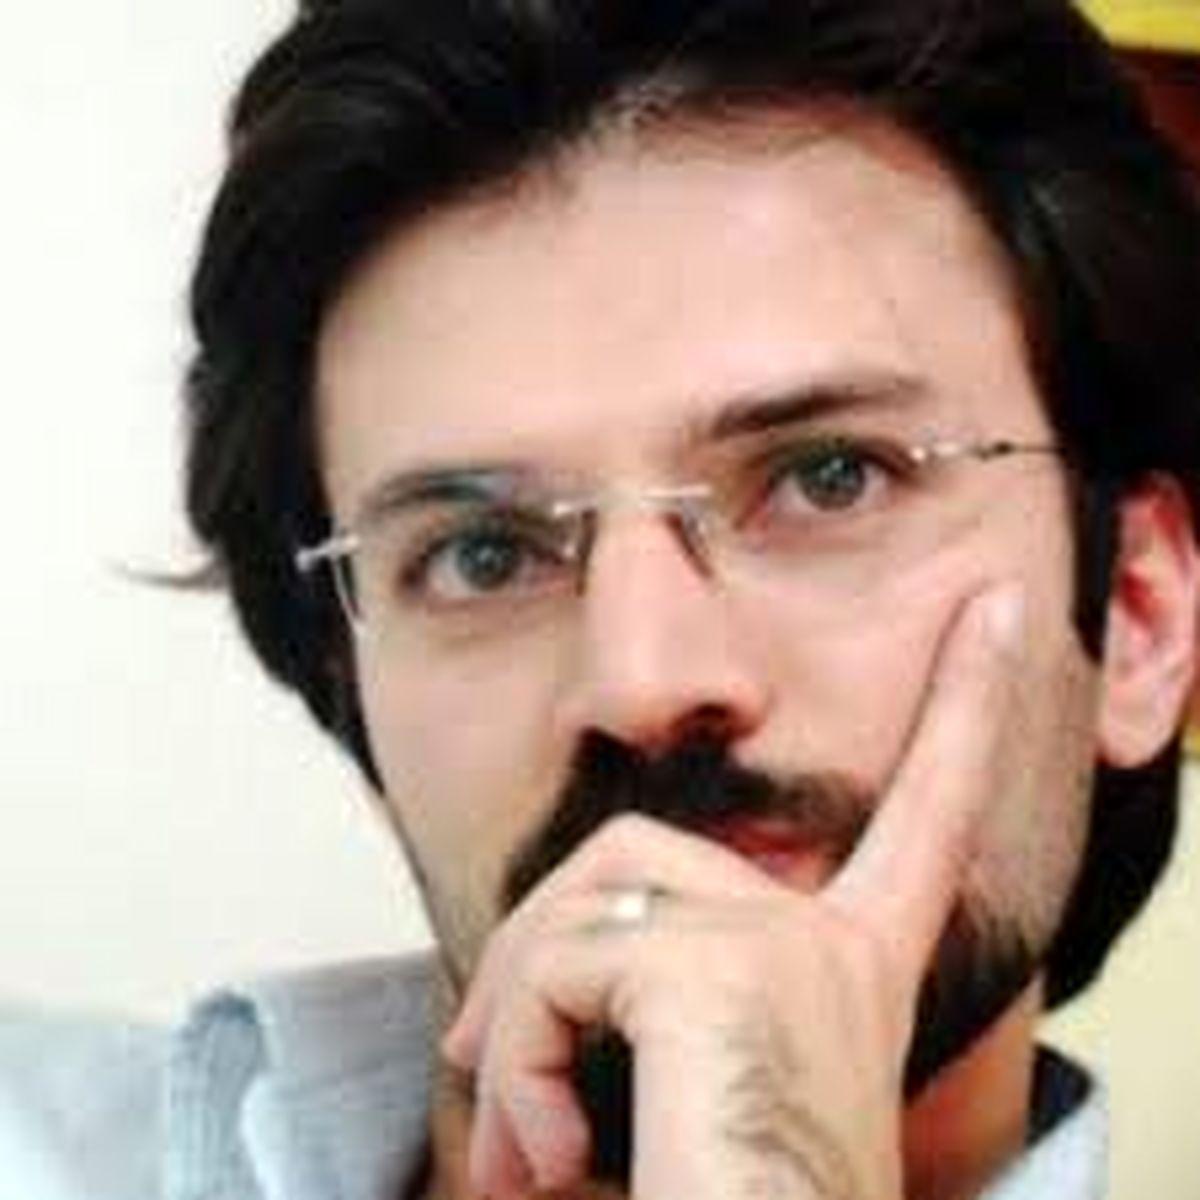 مافیای روبیکا، معلمان را تهدید می کنند